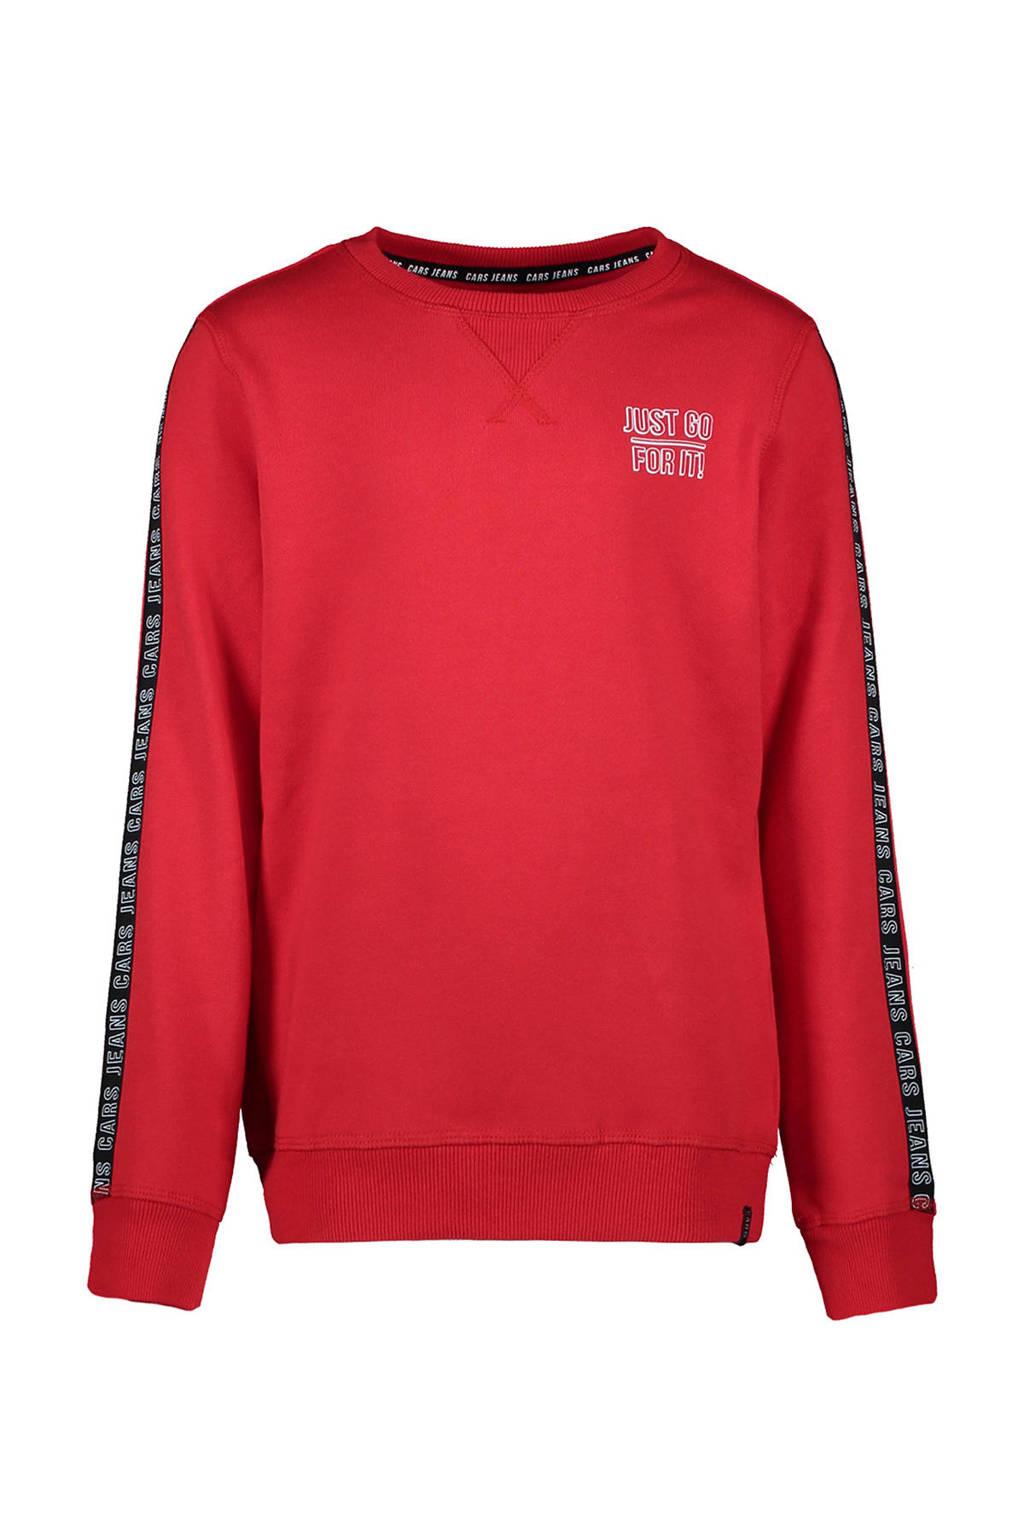 Cars sweater Wisha met contrastbies rood/zwart, Rood/zwart